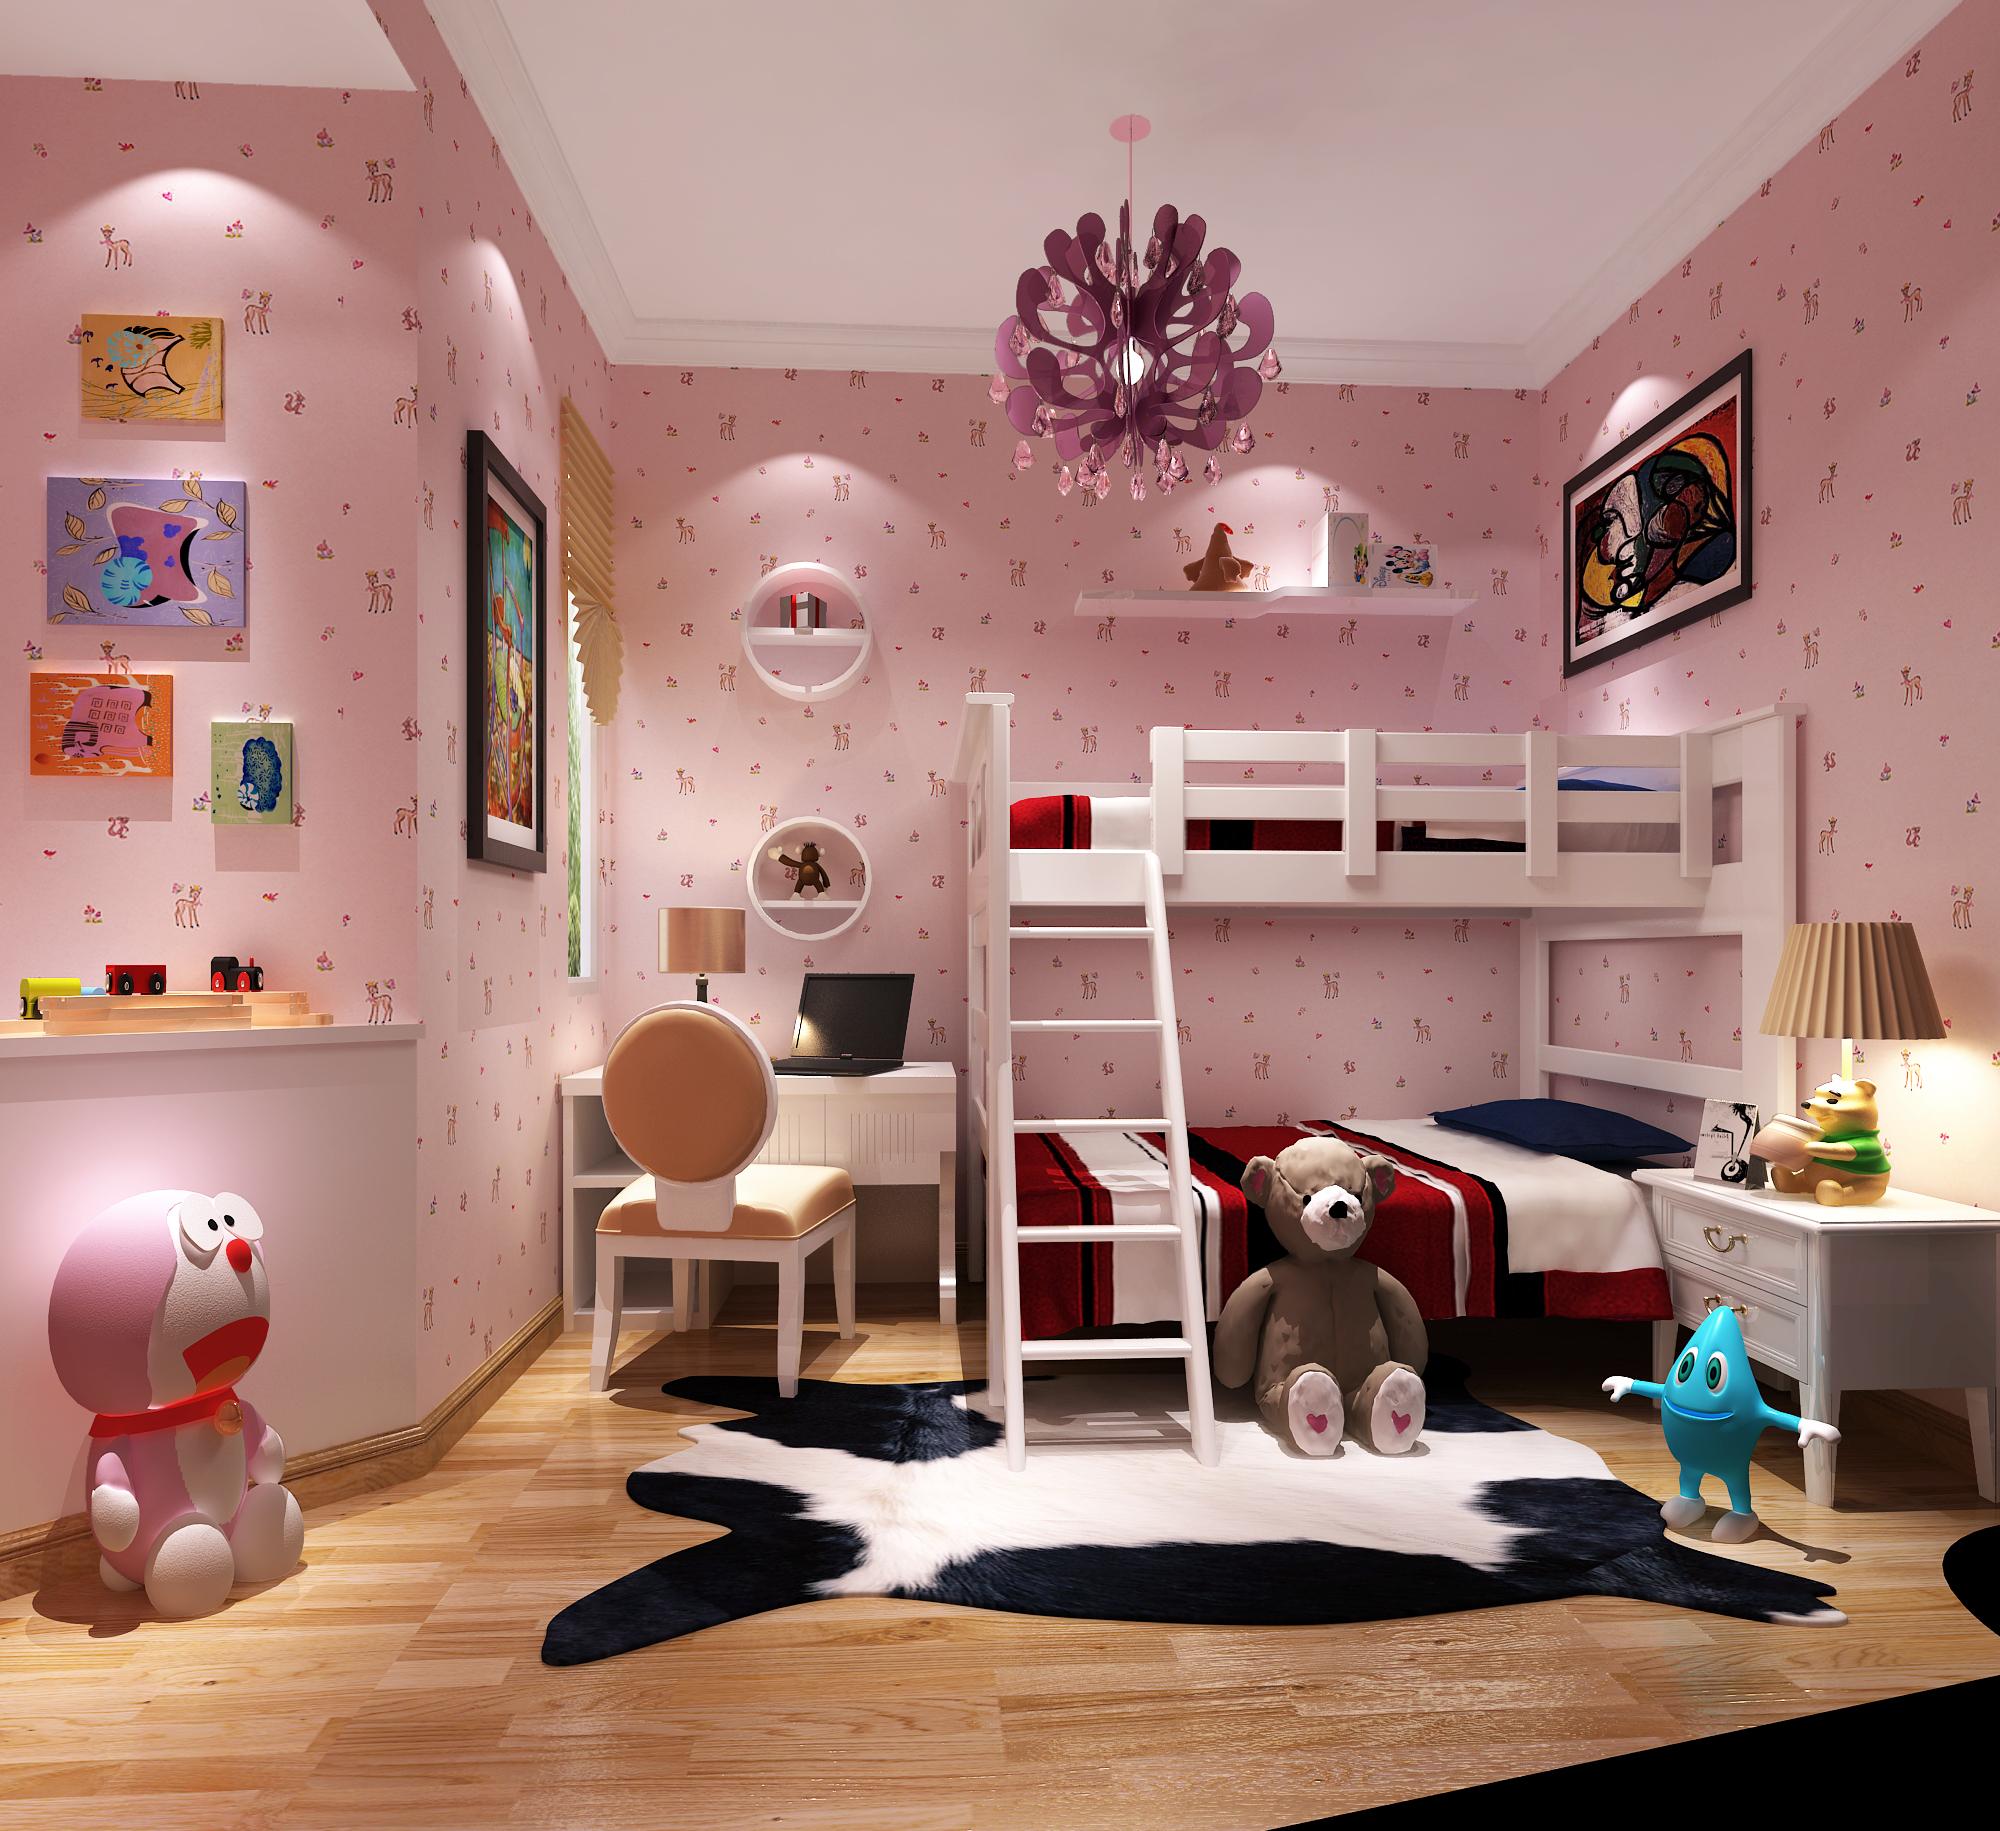 简约 欧式 三居 装修公司 高度国际 卧室图片来自高度国际装饰华华在简约中的经典的分享